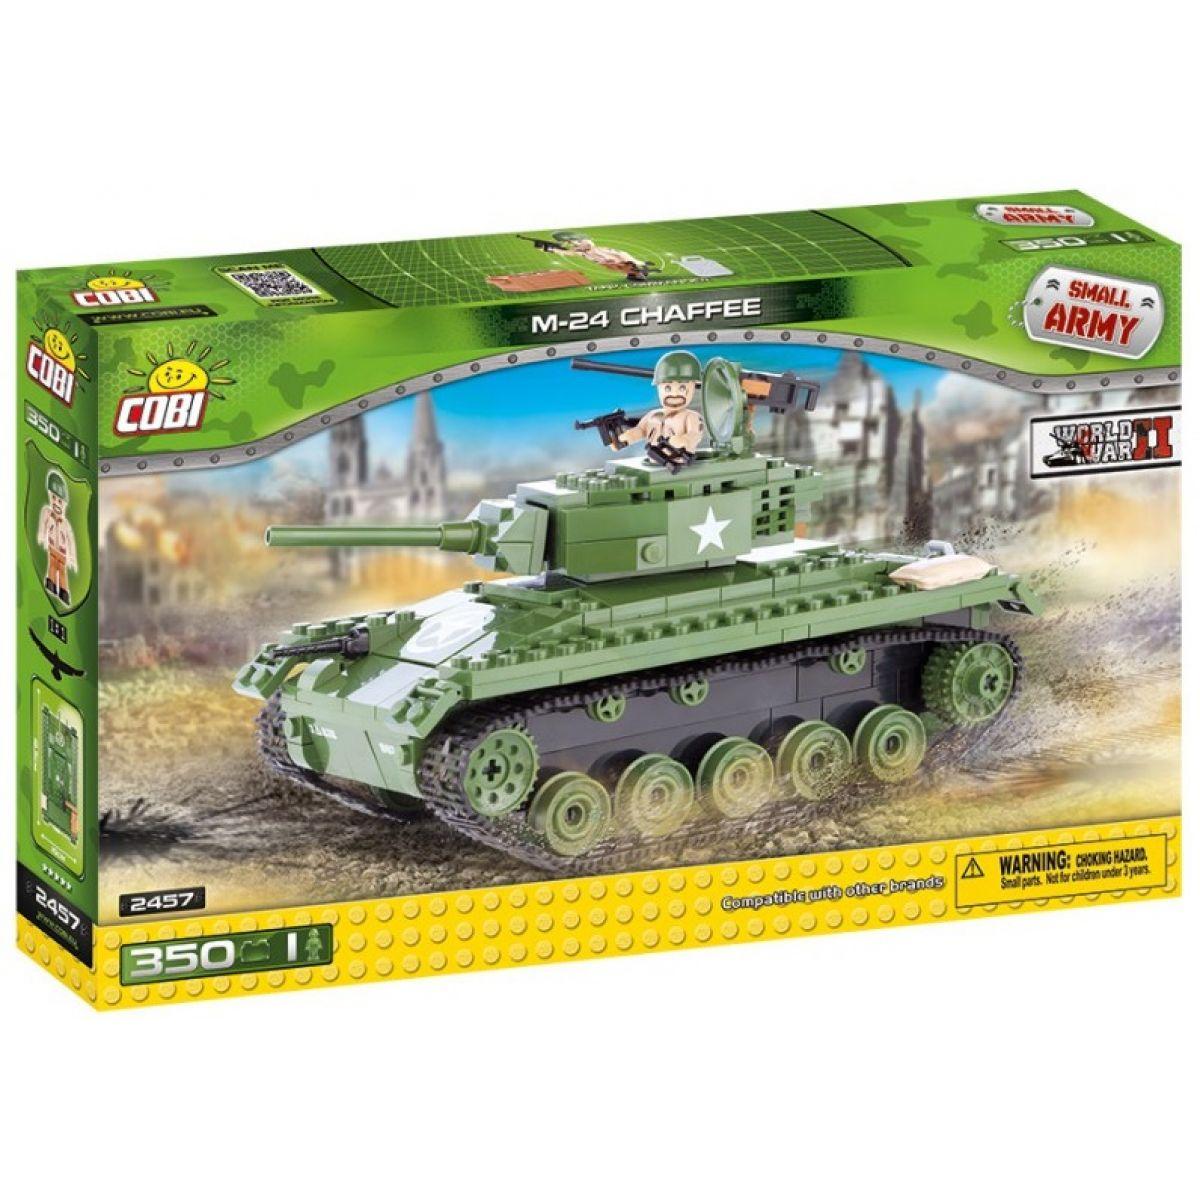 Cobi 2457 II. světová válka Tank M24 CHAFFEE